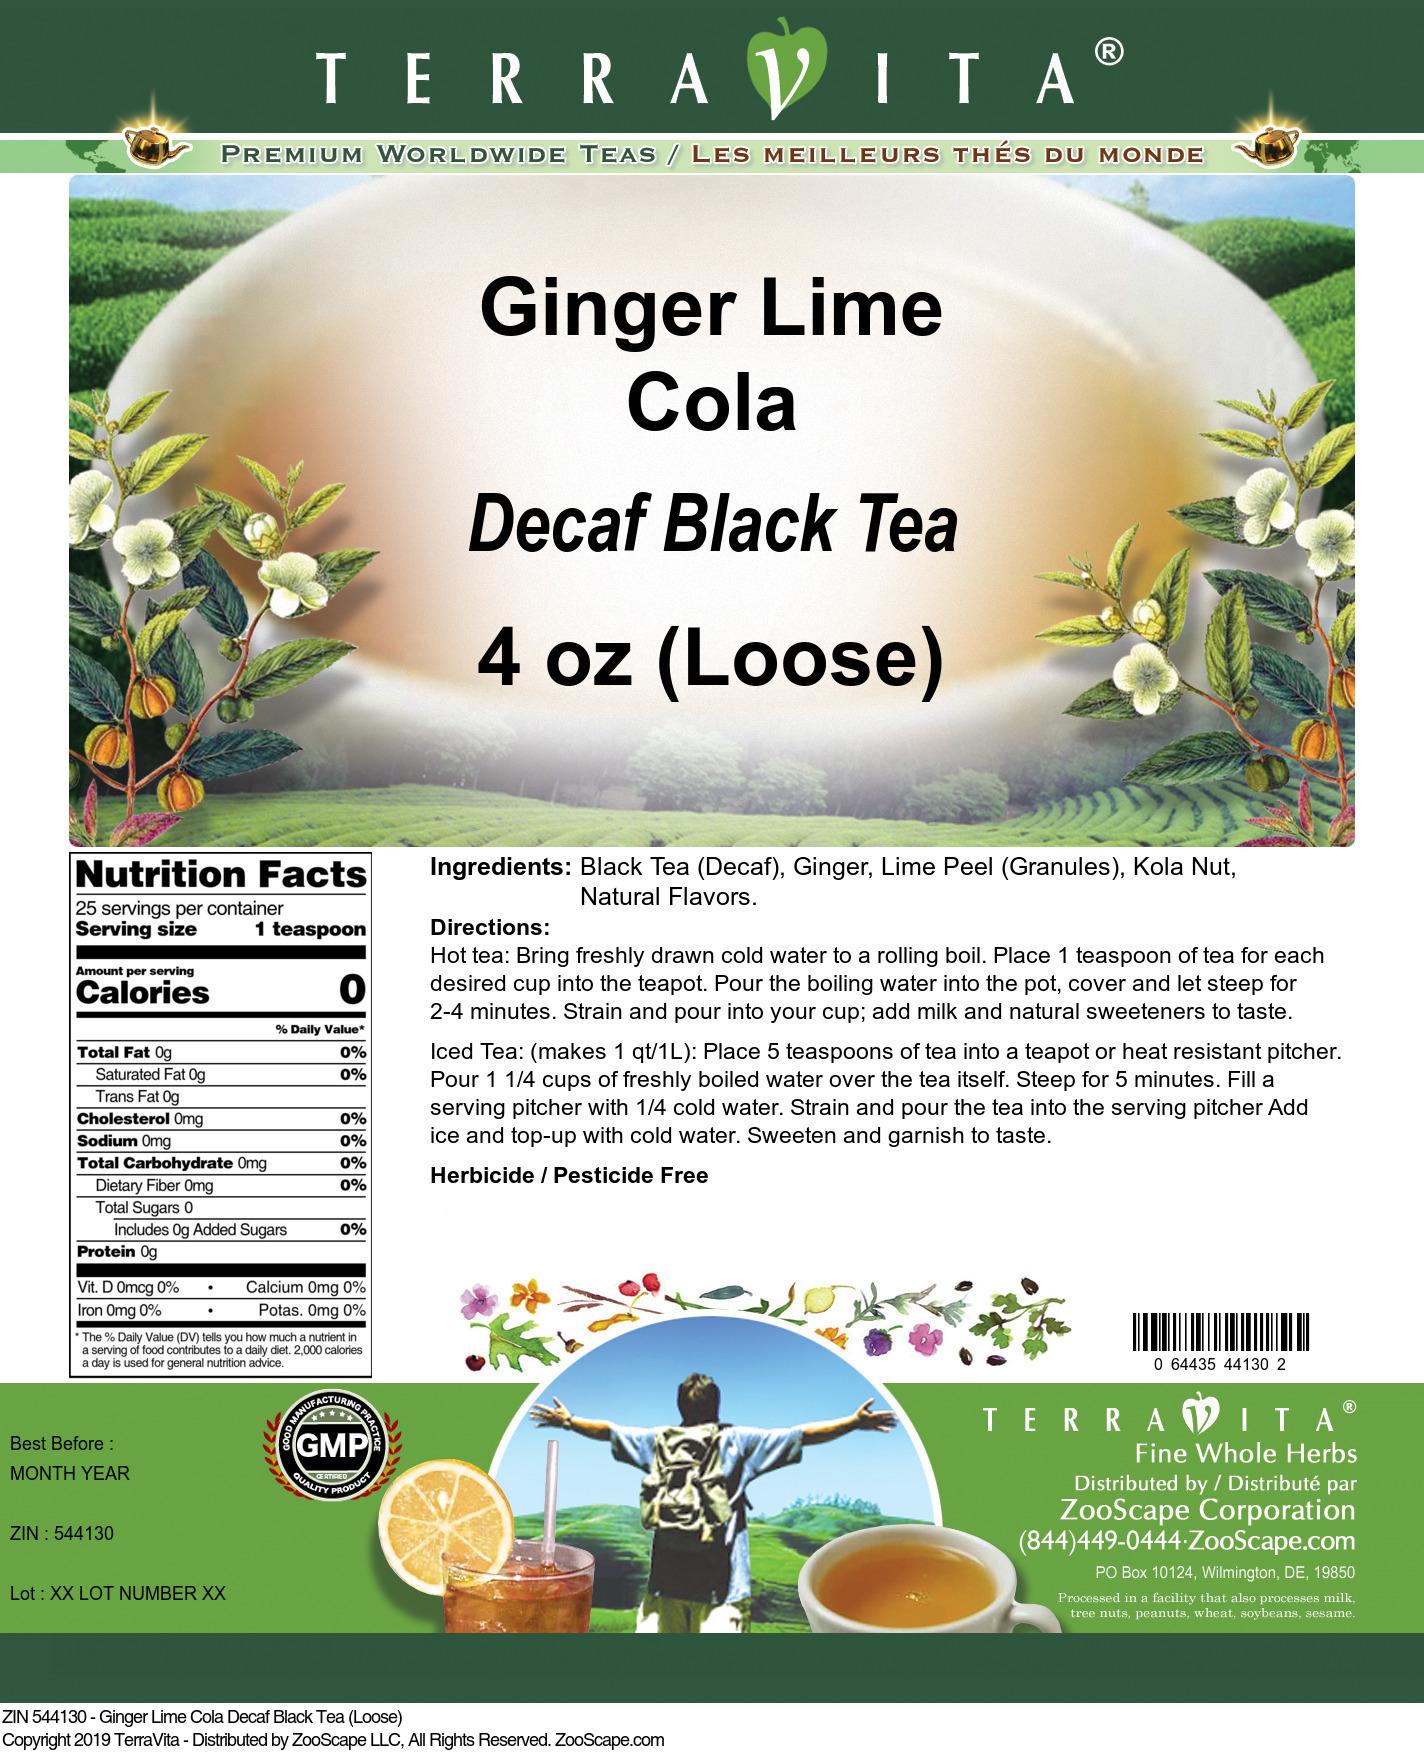 Ginger Lime Cola Decaf Black Tea